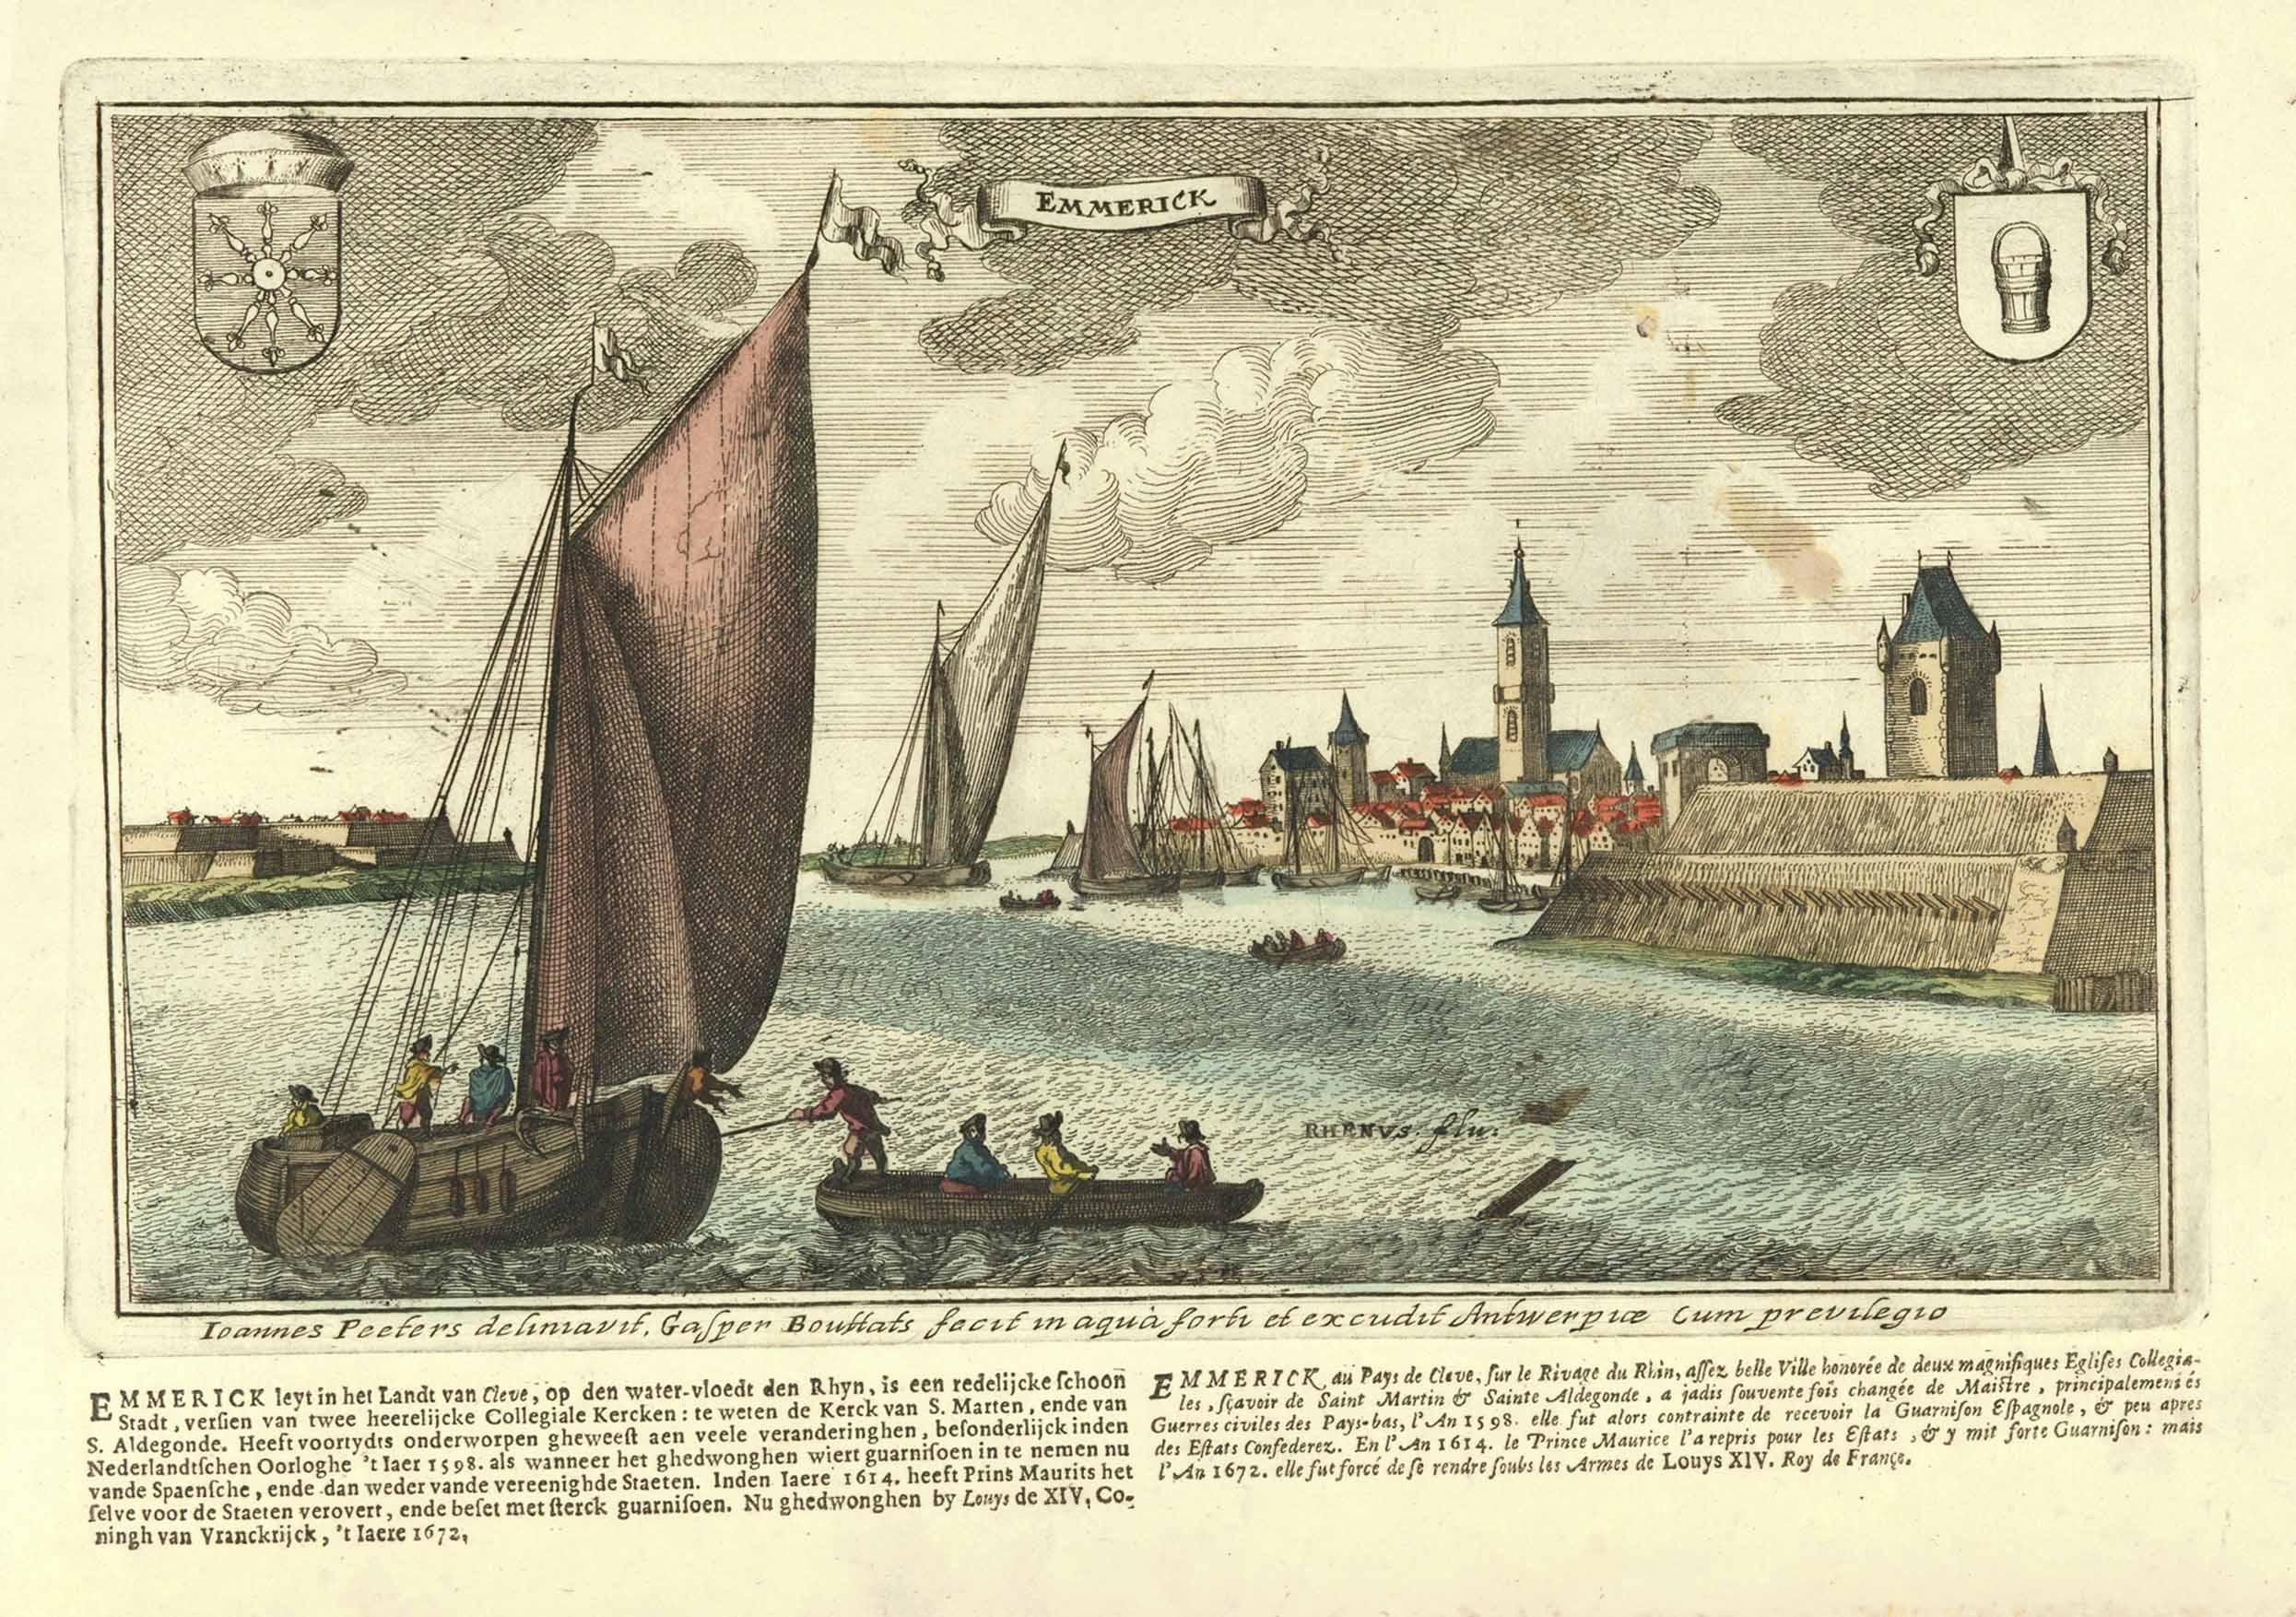 Gesamtansicht im Vgr. Rheinschiffe.: EMMERICH: